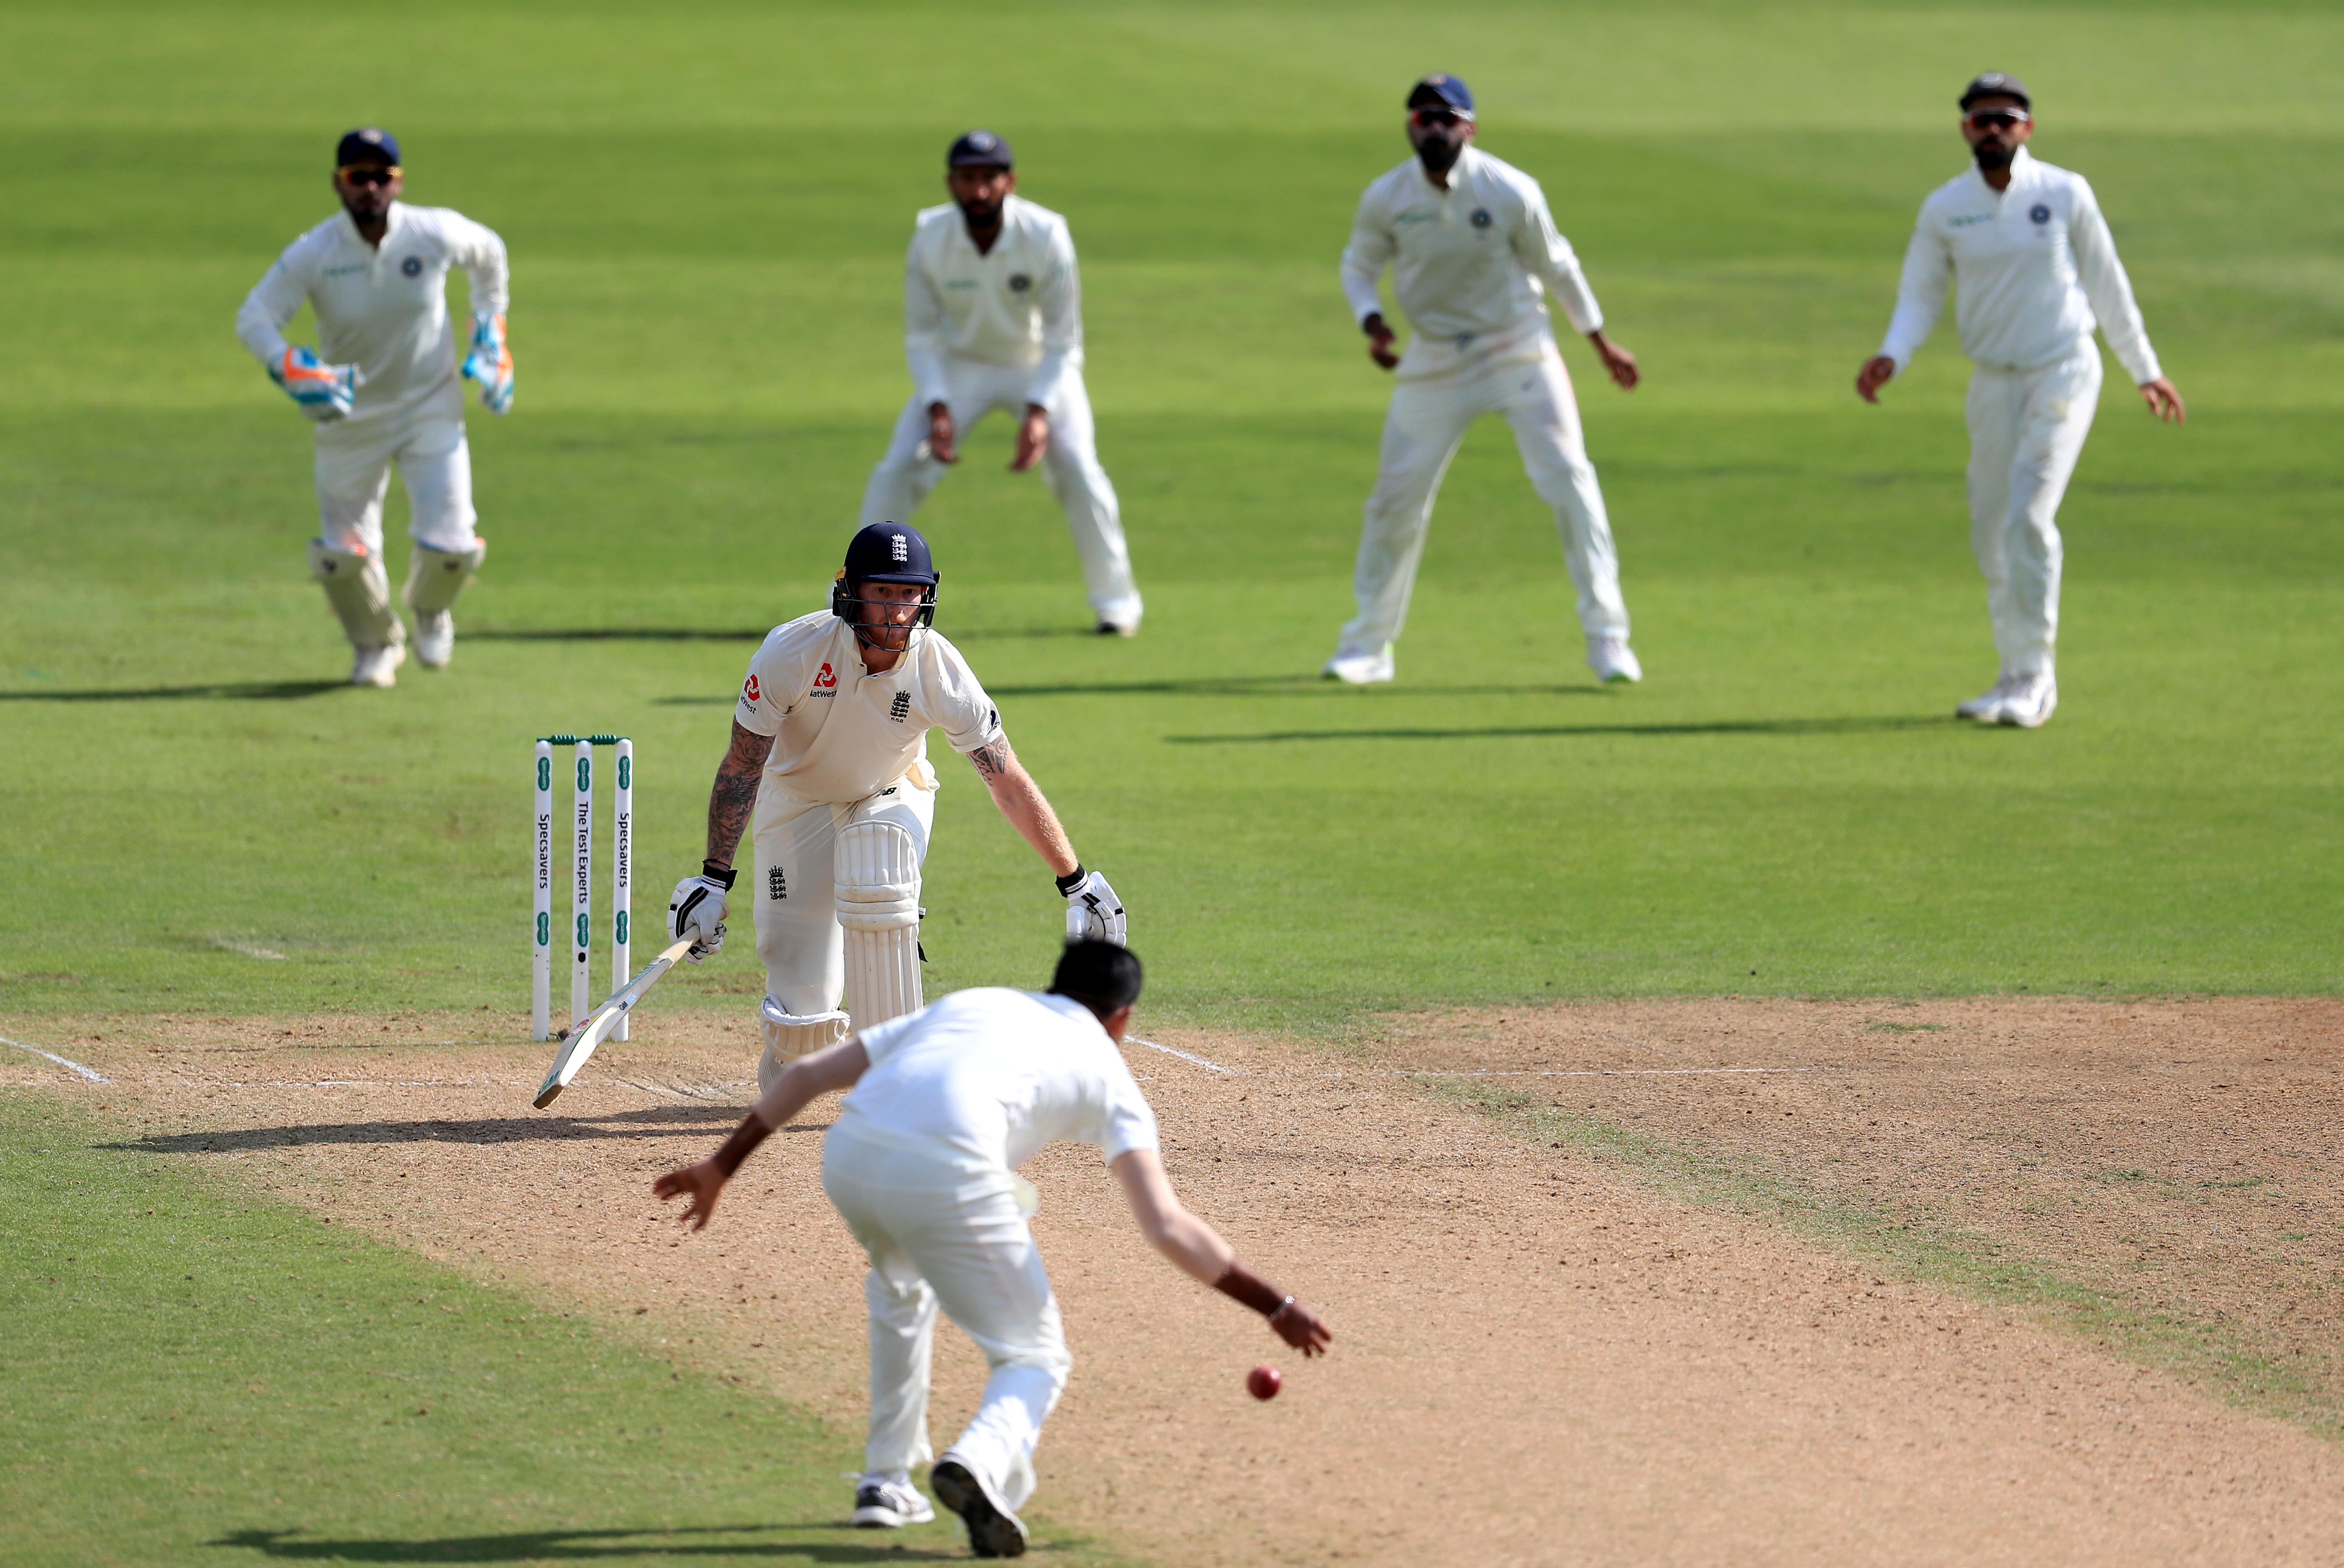 England 23/0 at stumps, need 498 runs to win